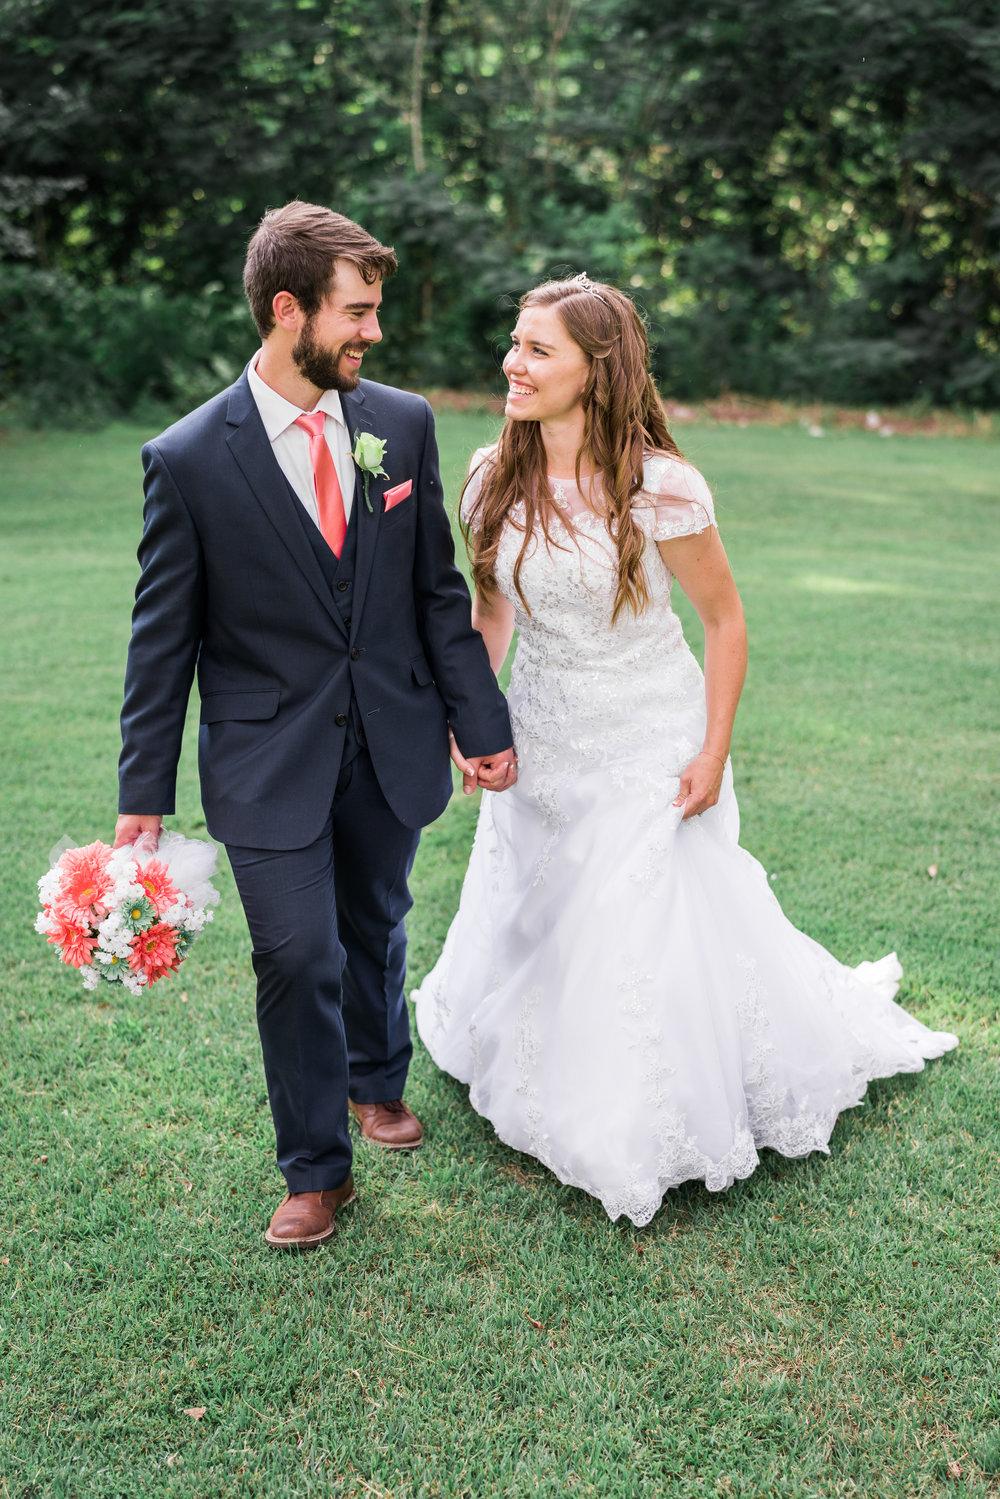 jessica-stephen-bishop-wedding-455.jpg